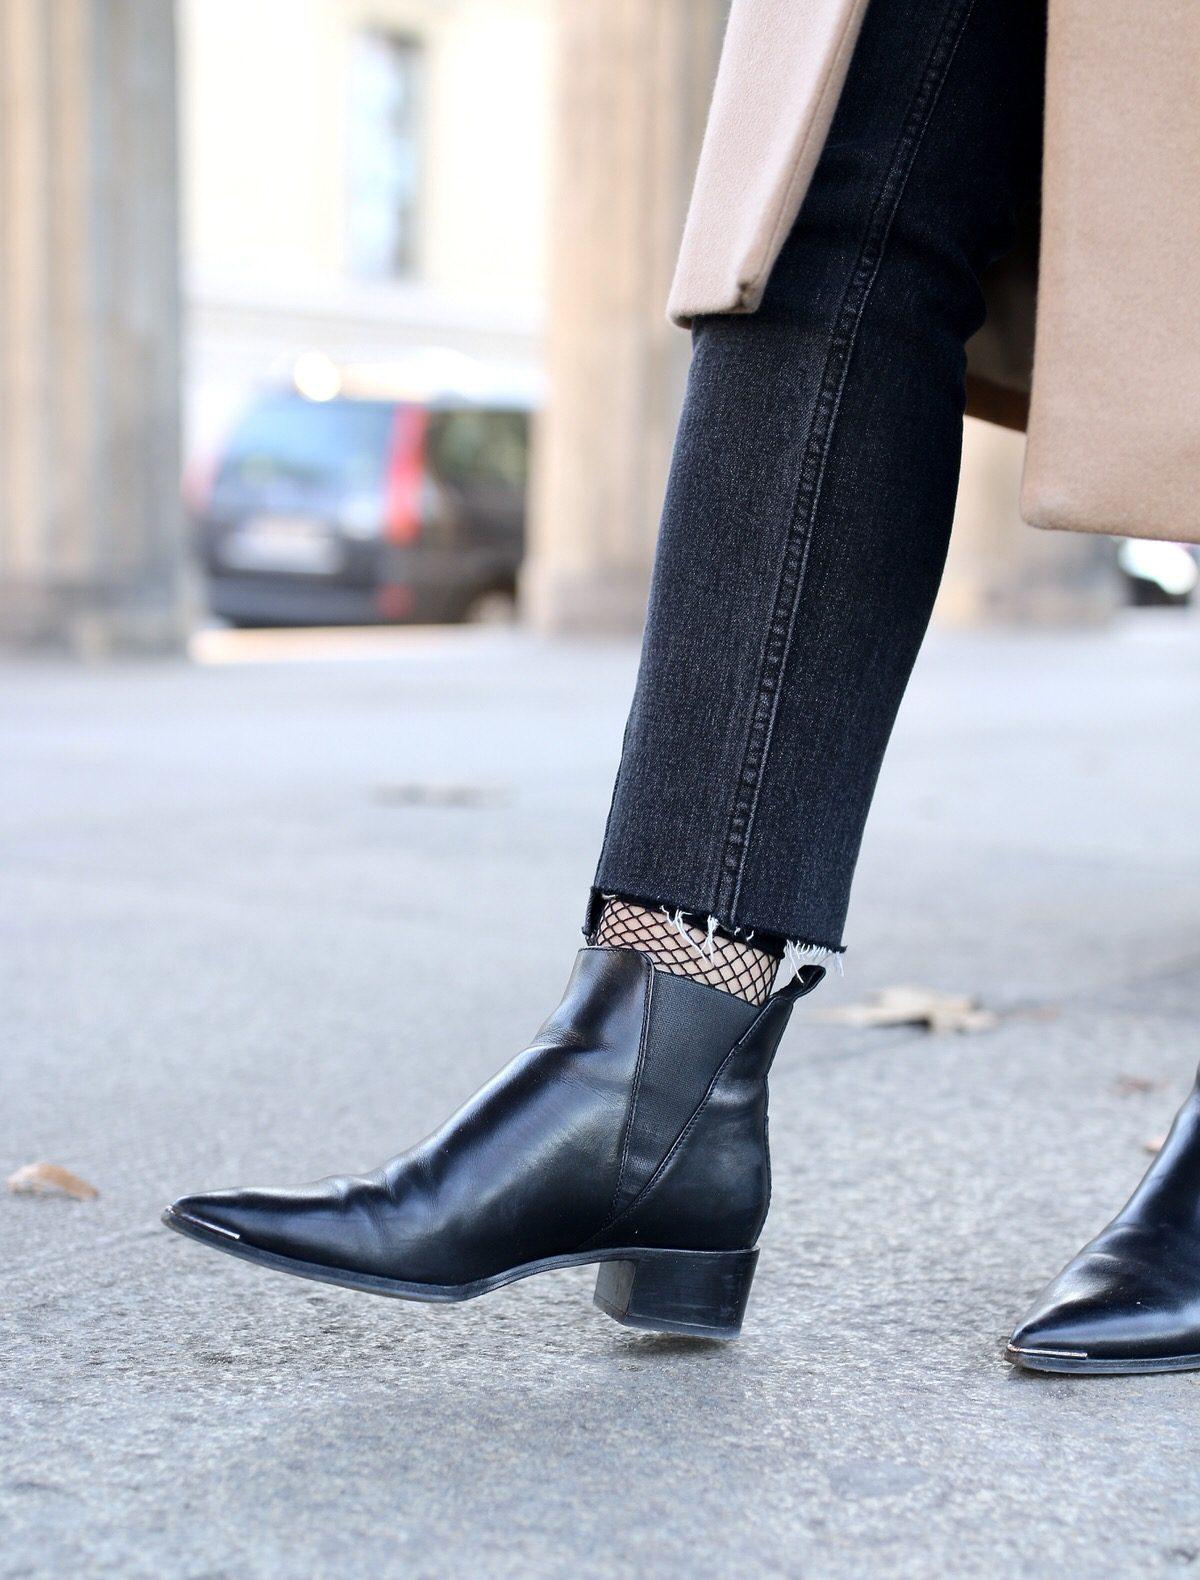 &OtherStories Mantel, Coat, Acne Studios Jensen Ankle Boots, H&M Mom Jeans, Netzstrümpfe, Cline Trio Bag, Pandora